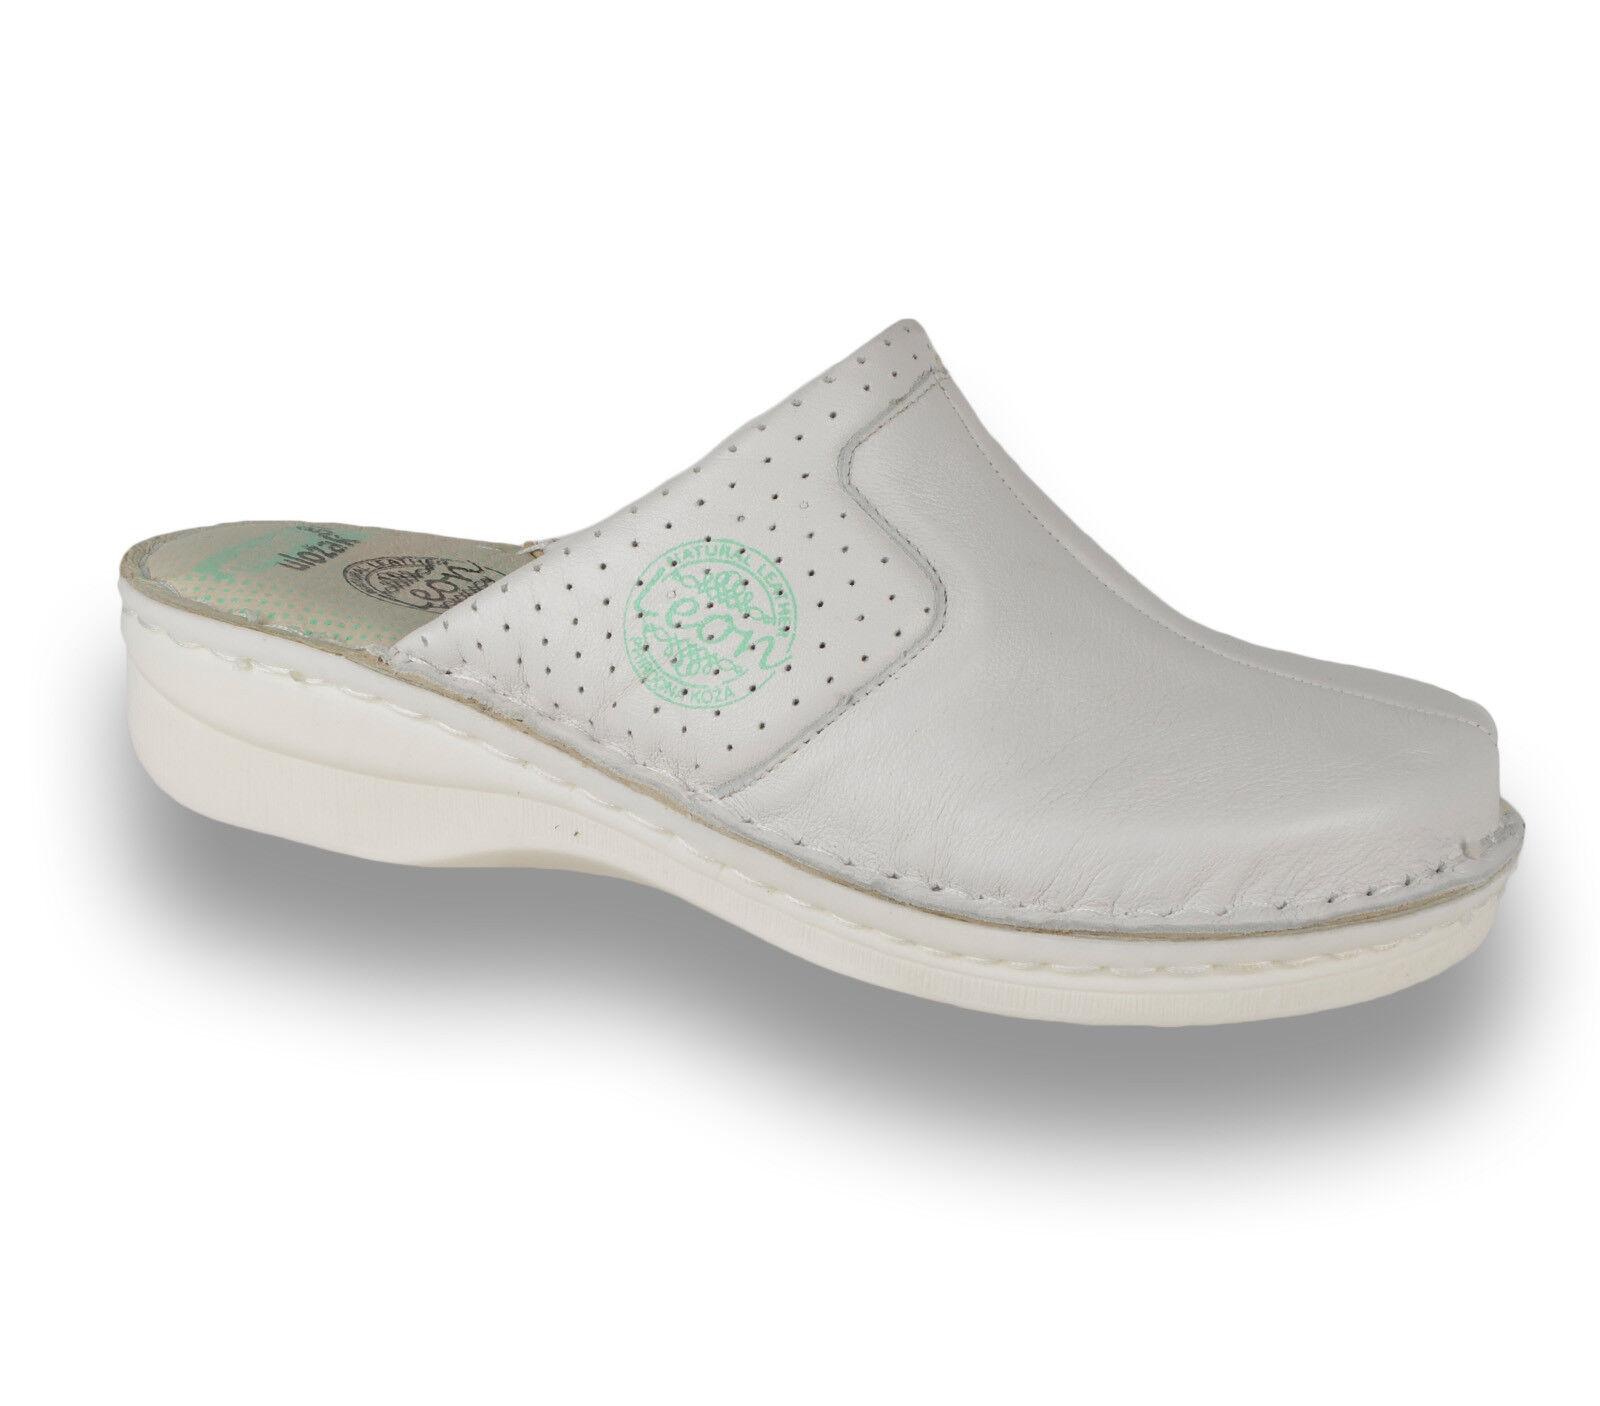 LEON 360 Mesdames femmes Cuir à Enfiler Mules Sabots Chaussons Sandales, blanc Nouveau Uk